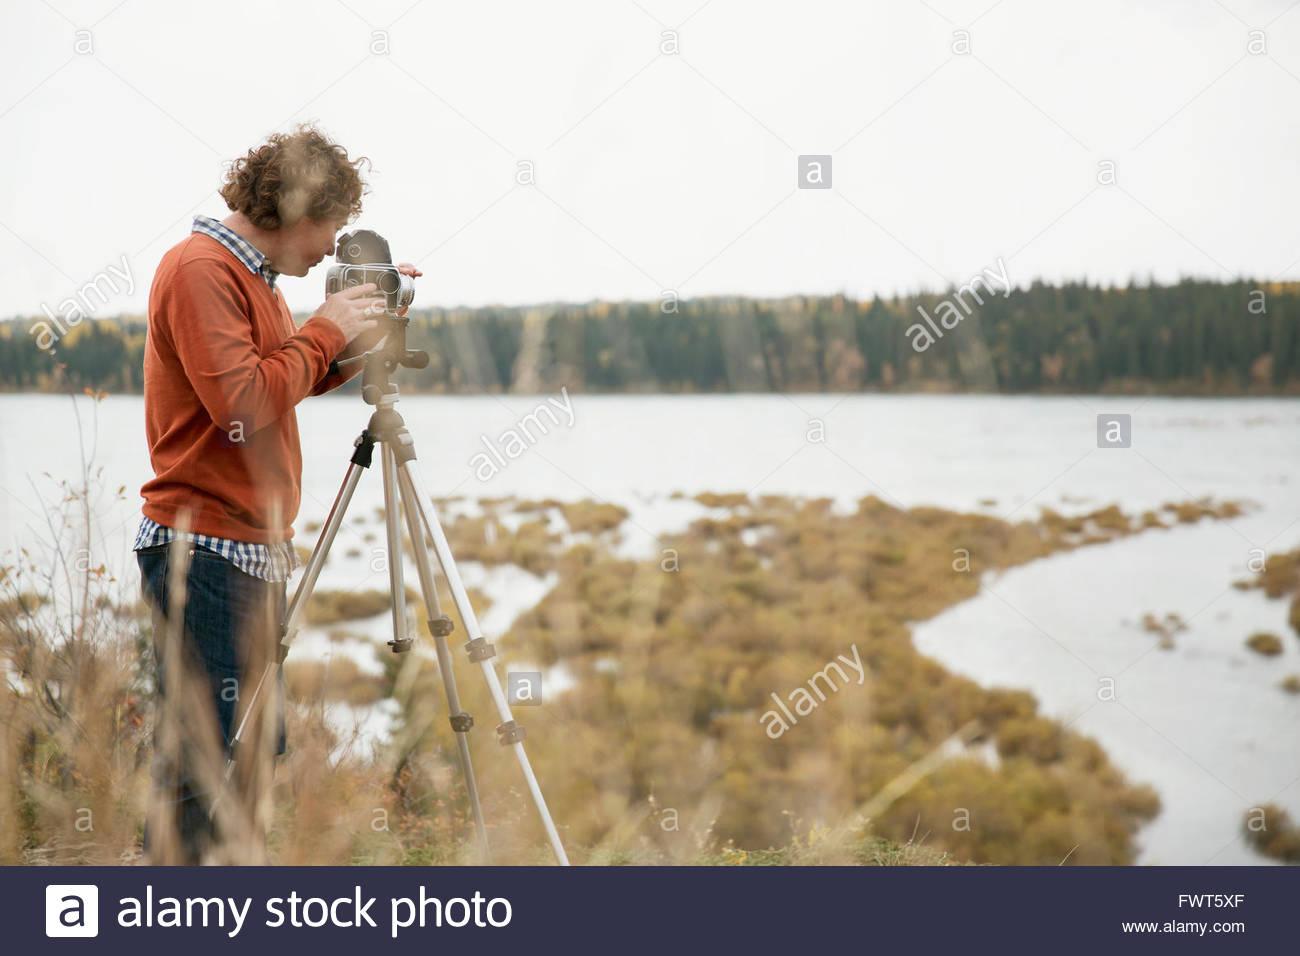 Reifer Mann mit Kamera auf Stativ Stockbild